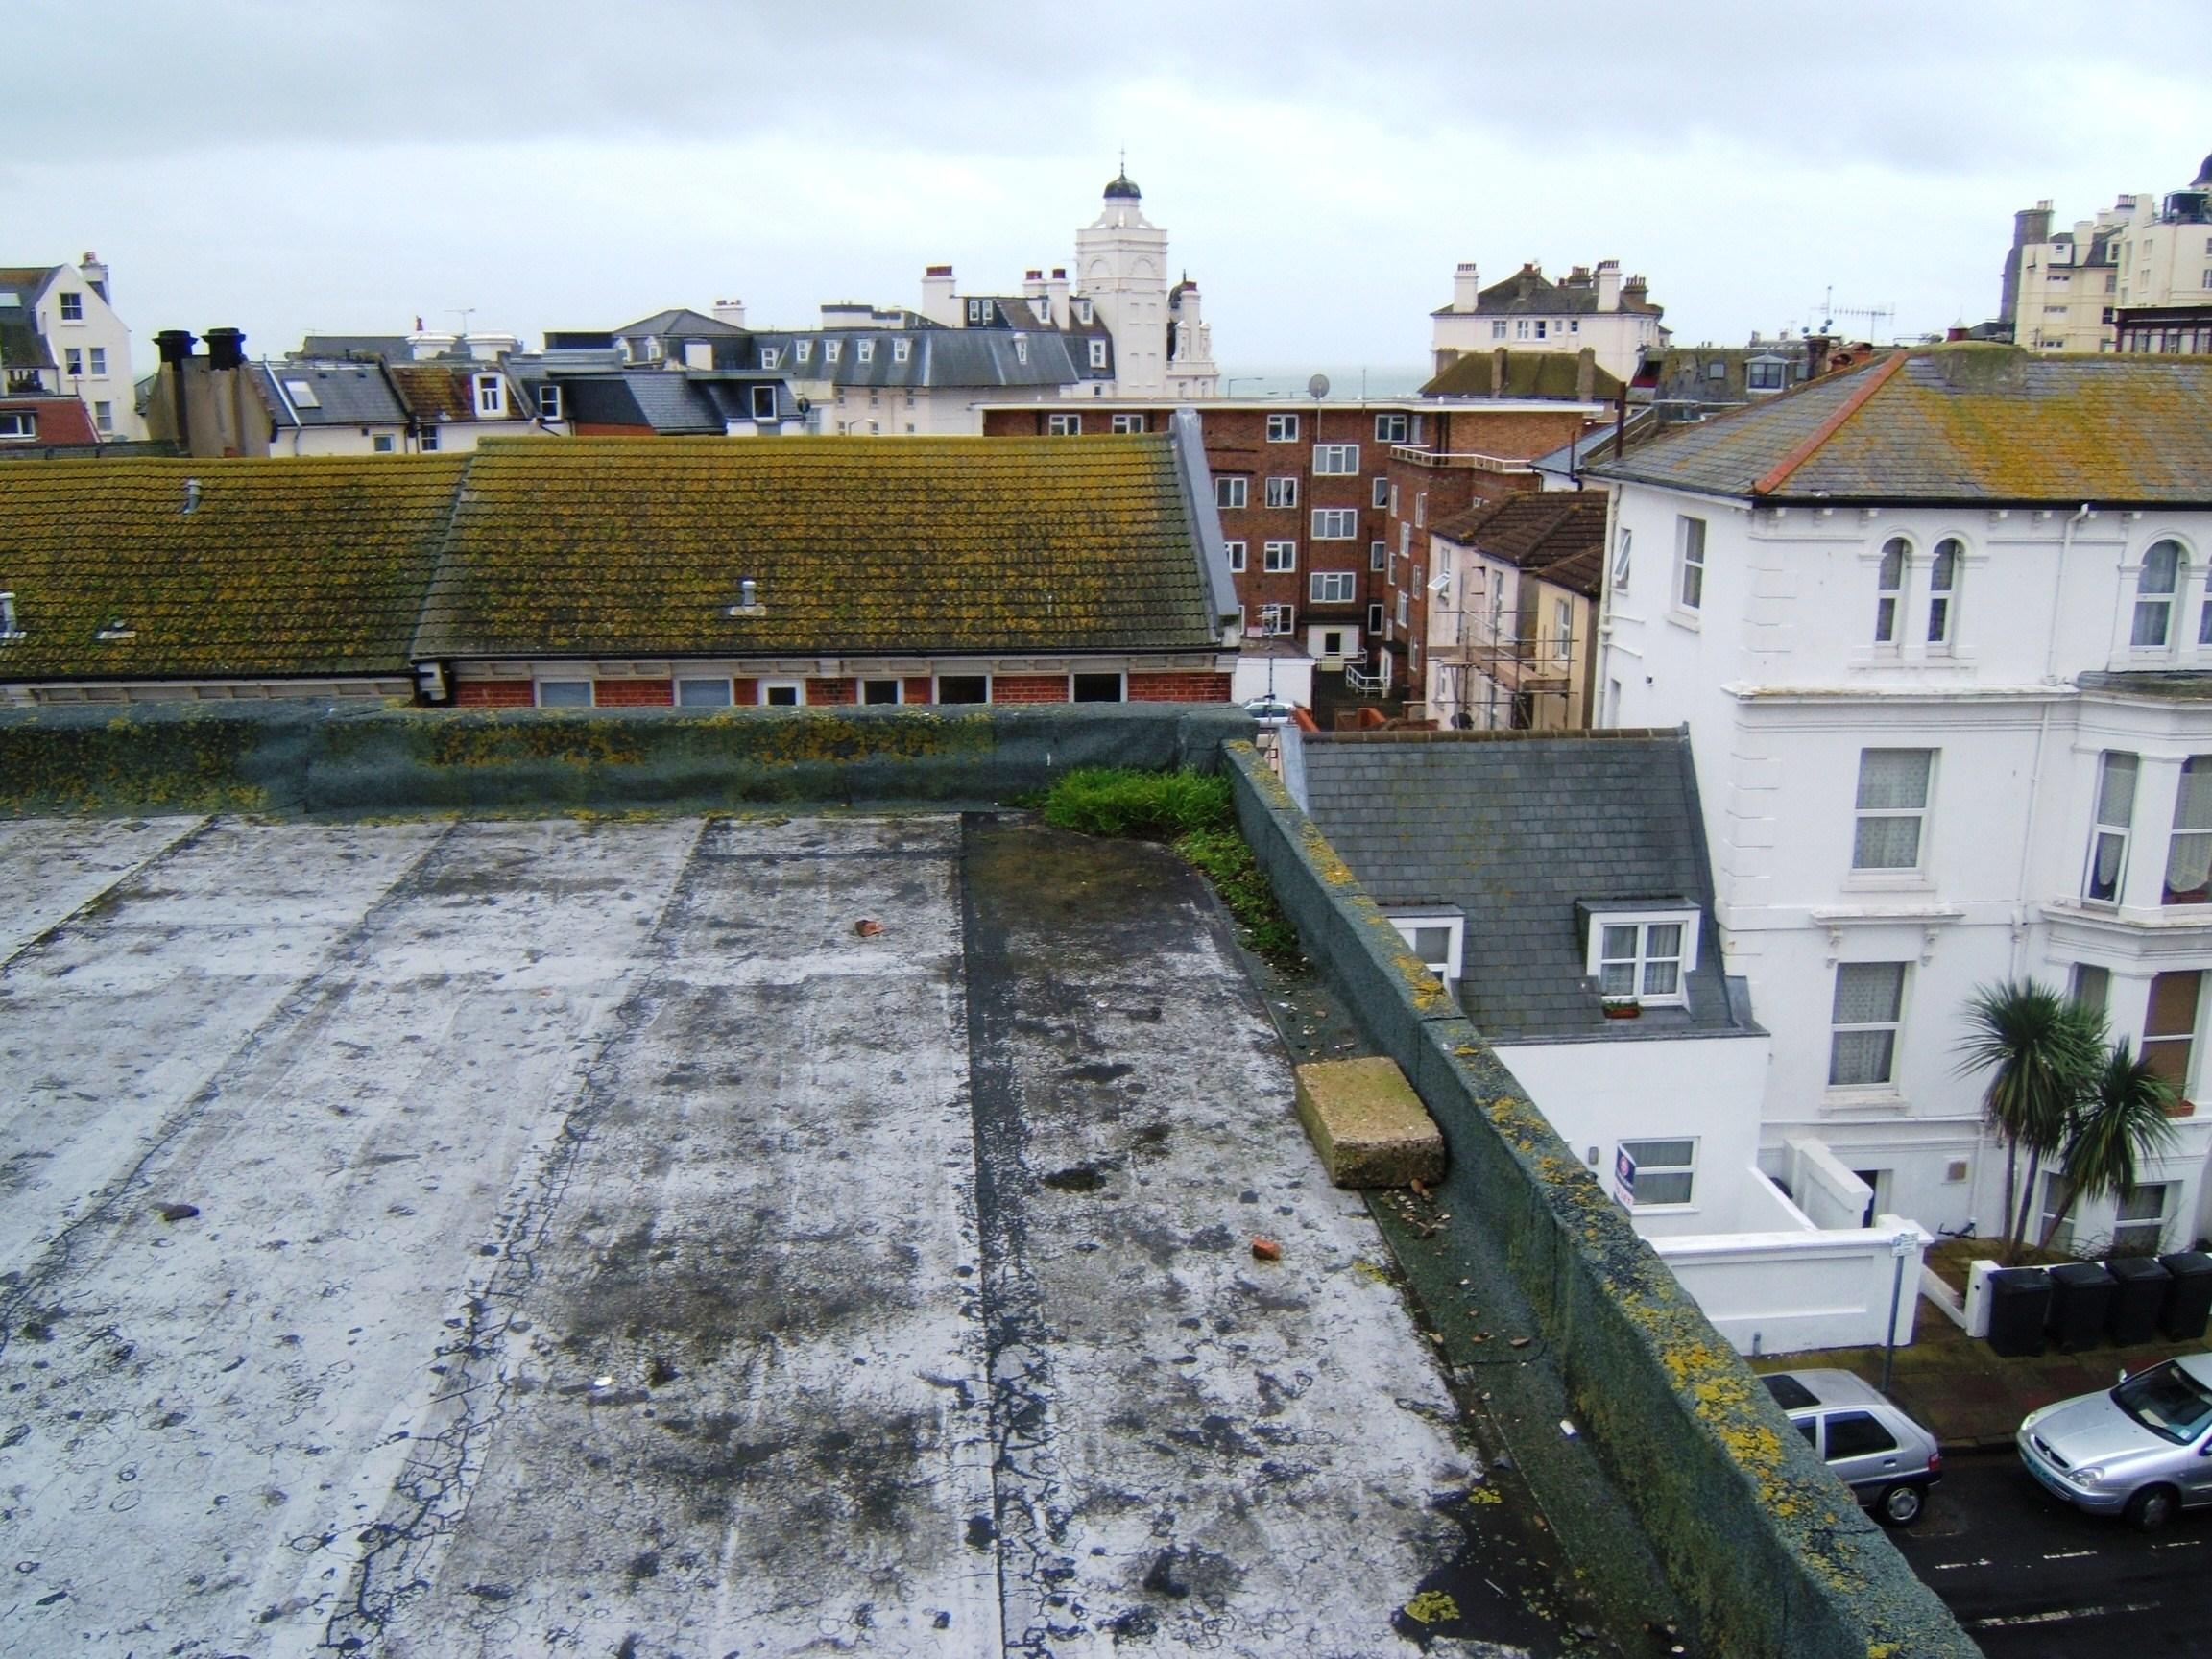 Cracks to asphalt roof covering